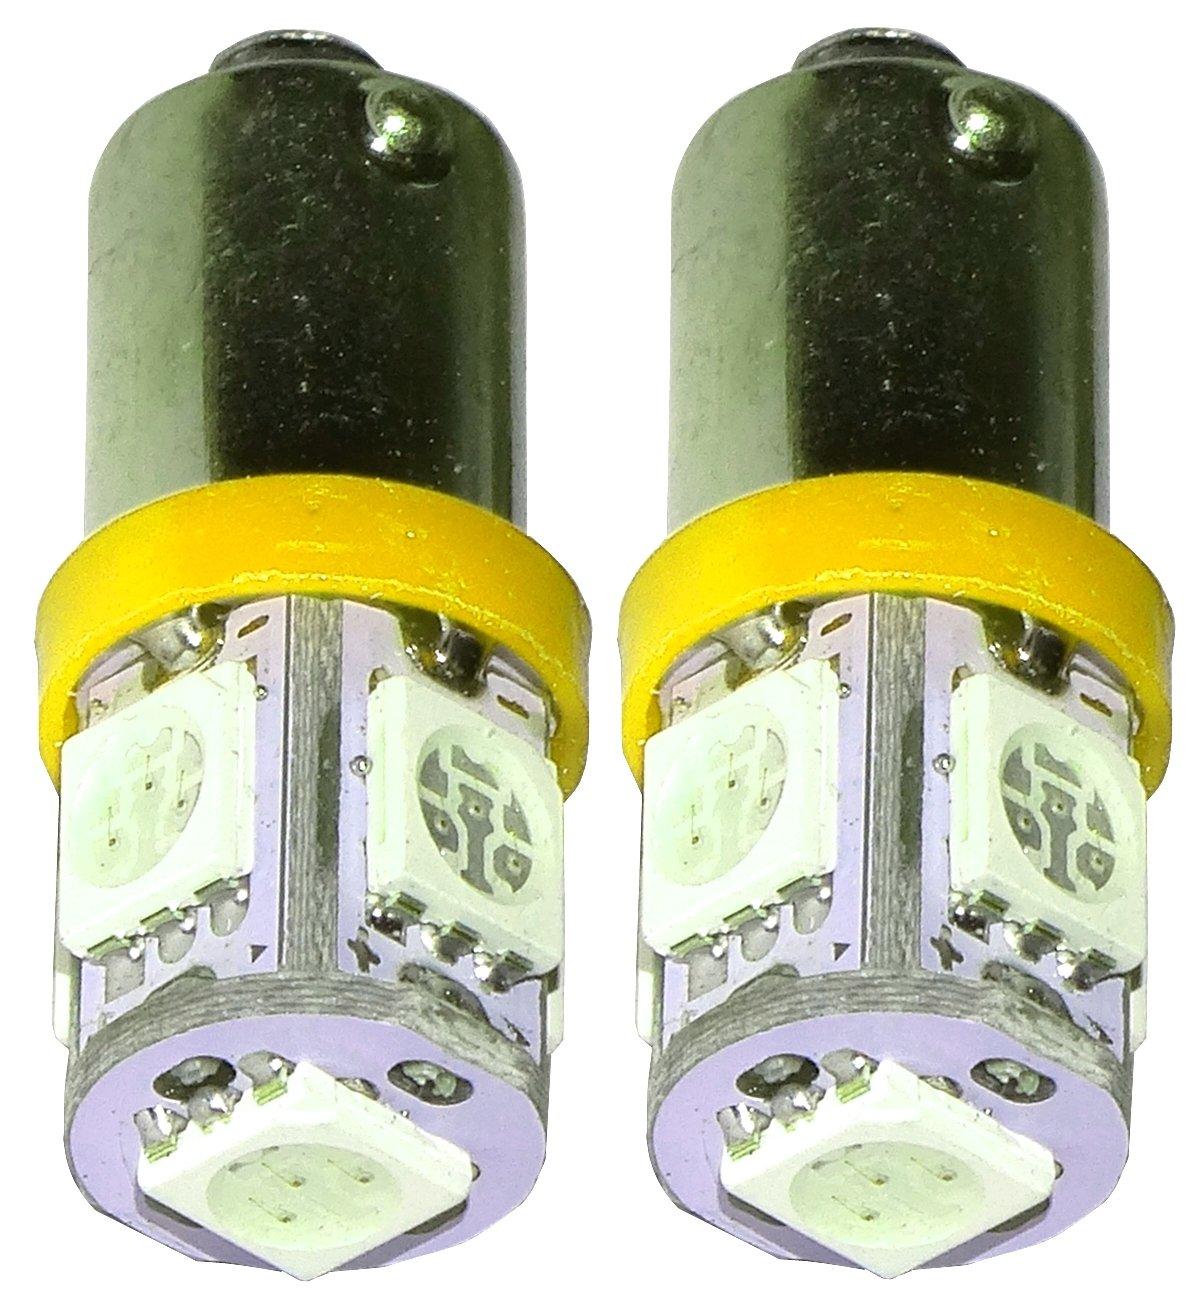 del compartimiento del motor y del maletero AERZETIX: 2 x Bombillas amarillo T10 W5W 12V 2LED SMD para iluminacion interior luz del techo luces umbrales de puertas luz de matricula